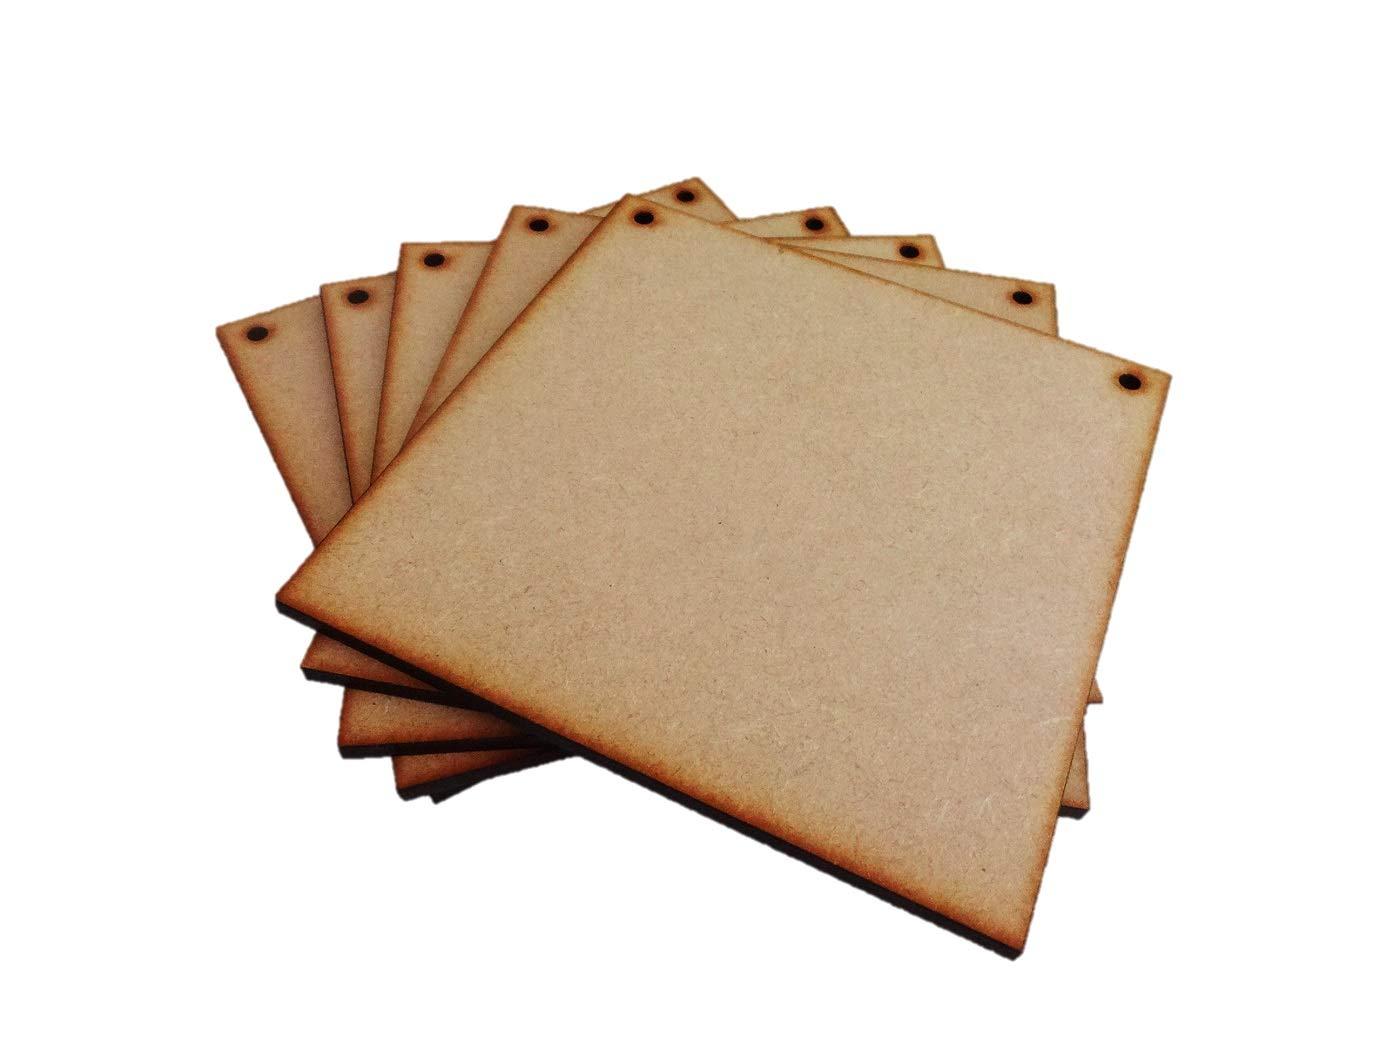 Confezione da 5 targhe//cartelli Quadrati in MDF 20 x 20 cm Parley Crafts